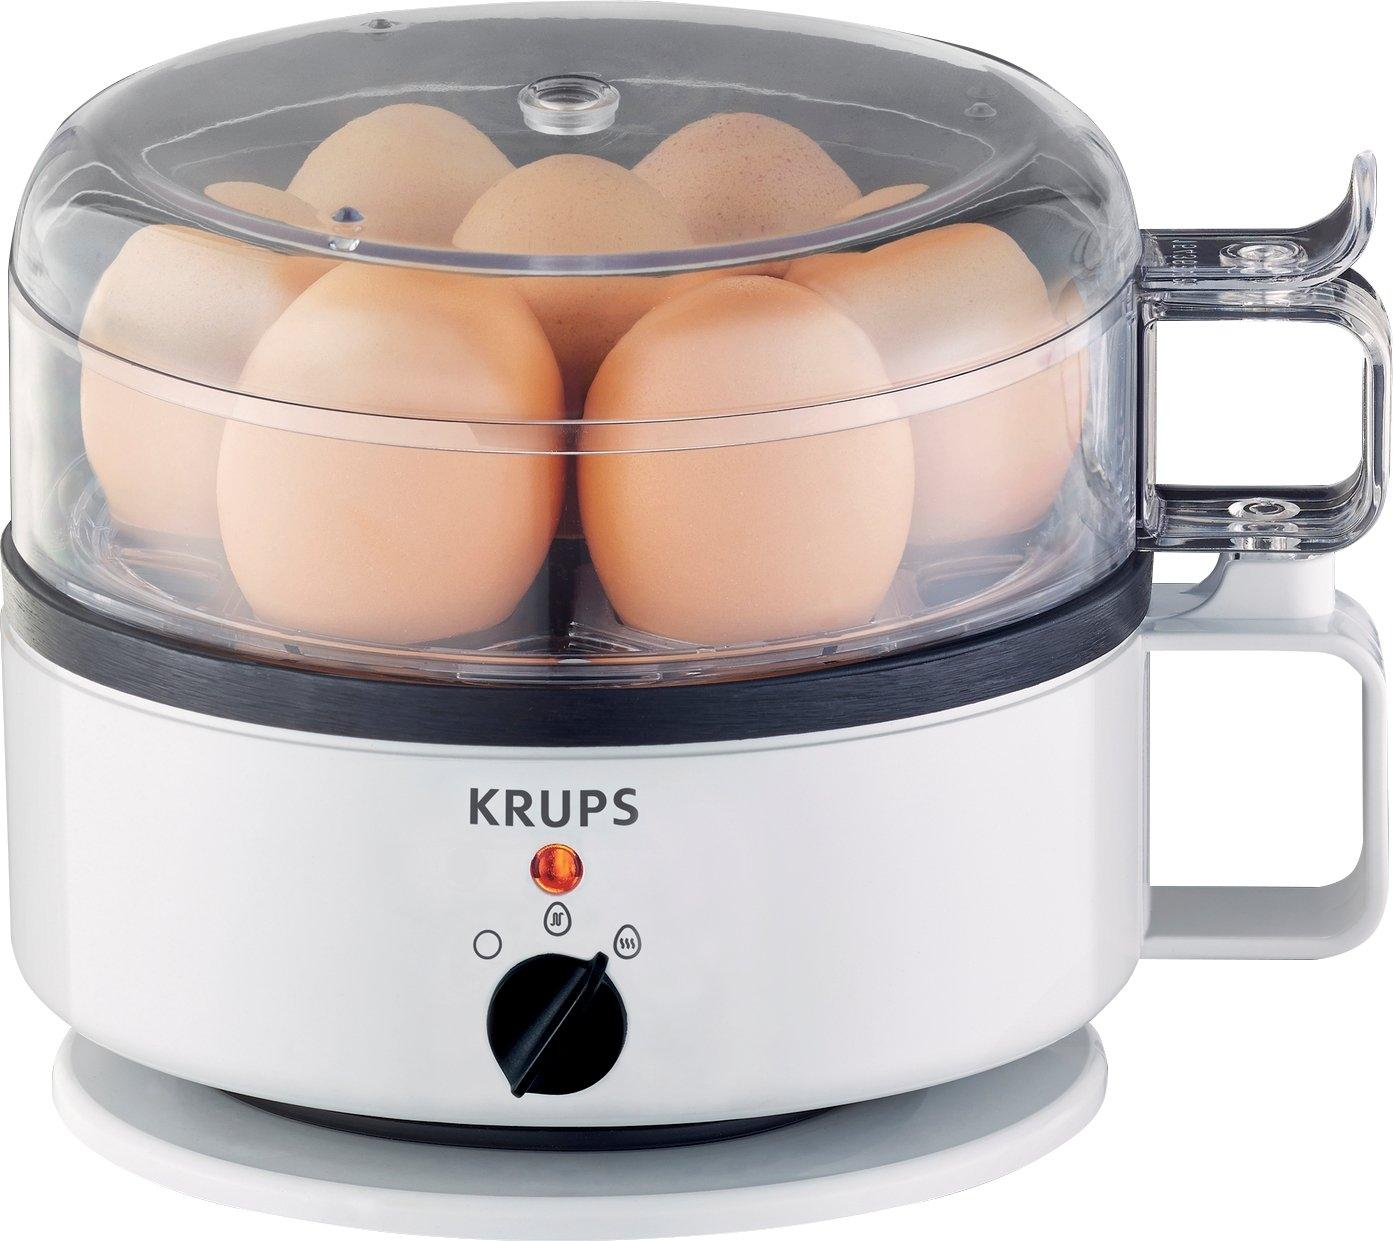 Krups eierkoker F23070 met waterniveauaanduiding, kook- en warmhoudfunctie, wit - verschillende betaalmethodes